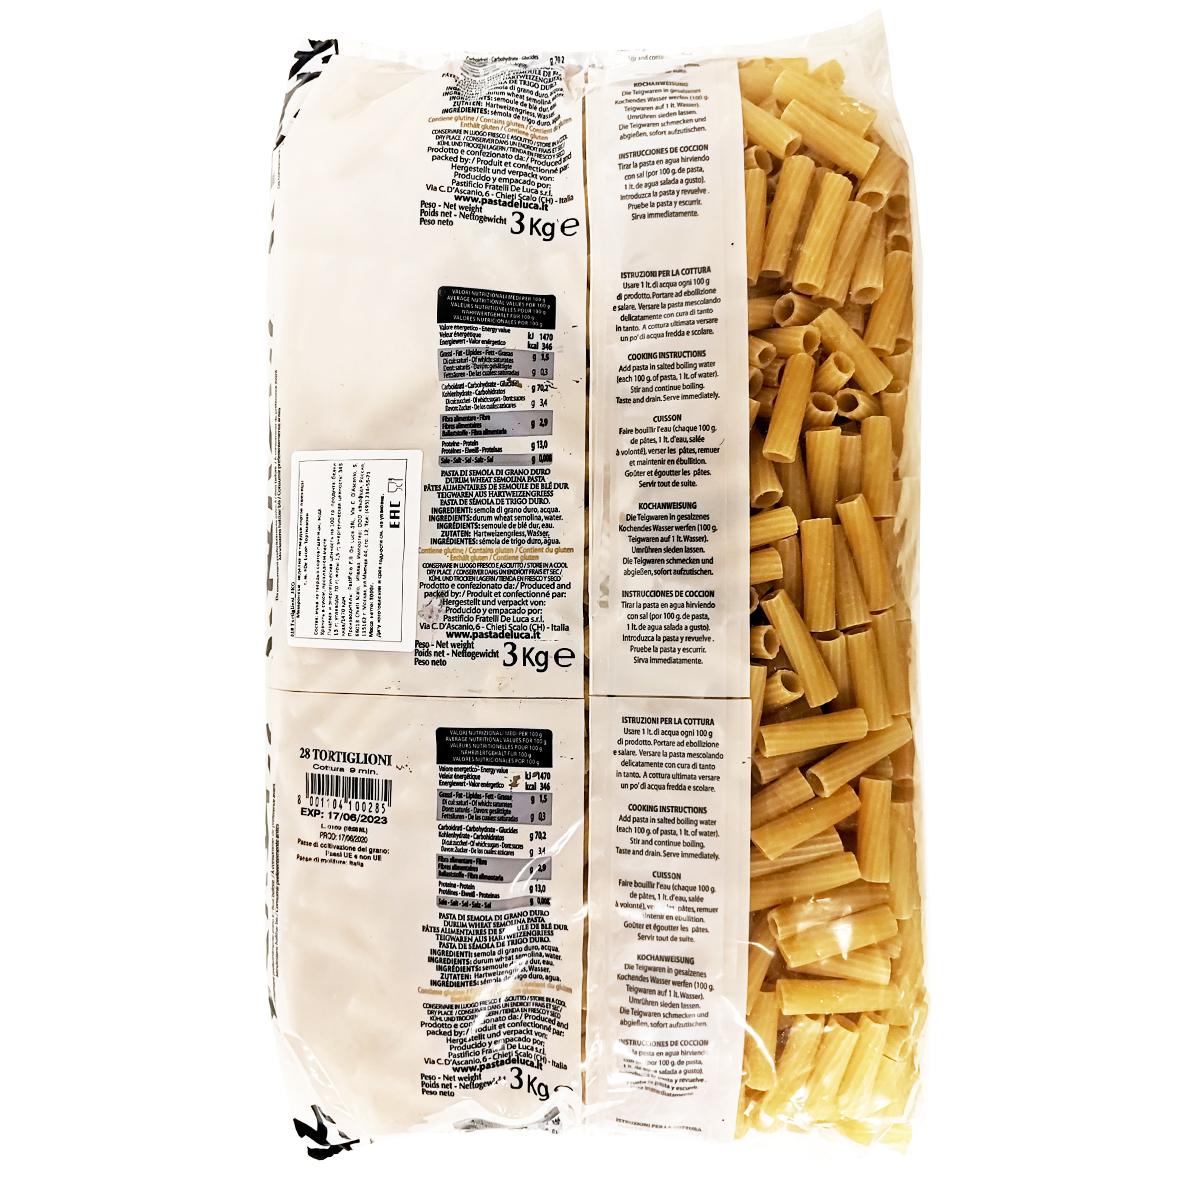 Тортиглиони №28 De Luca 3 кг